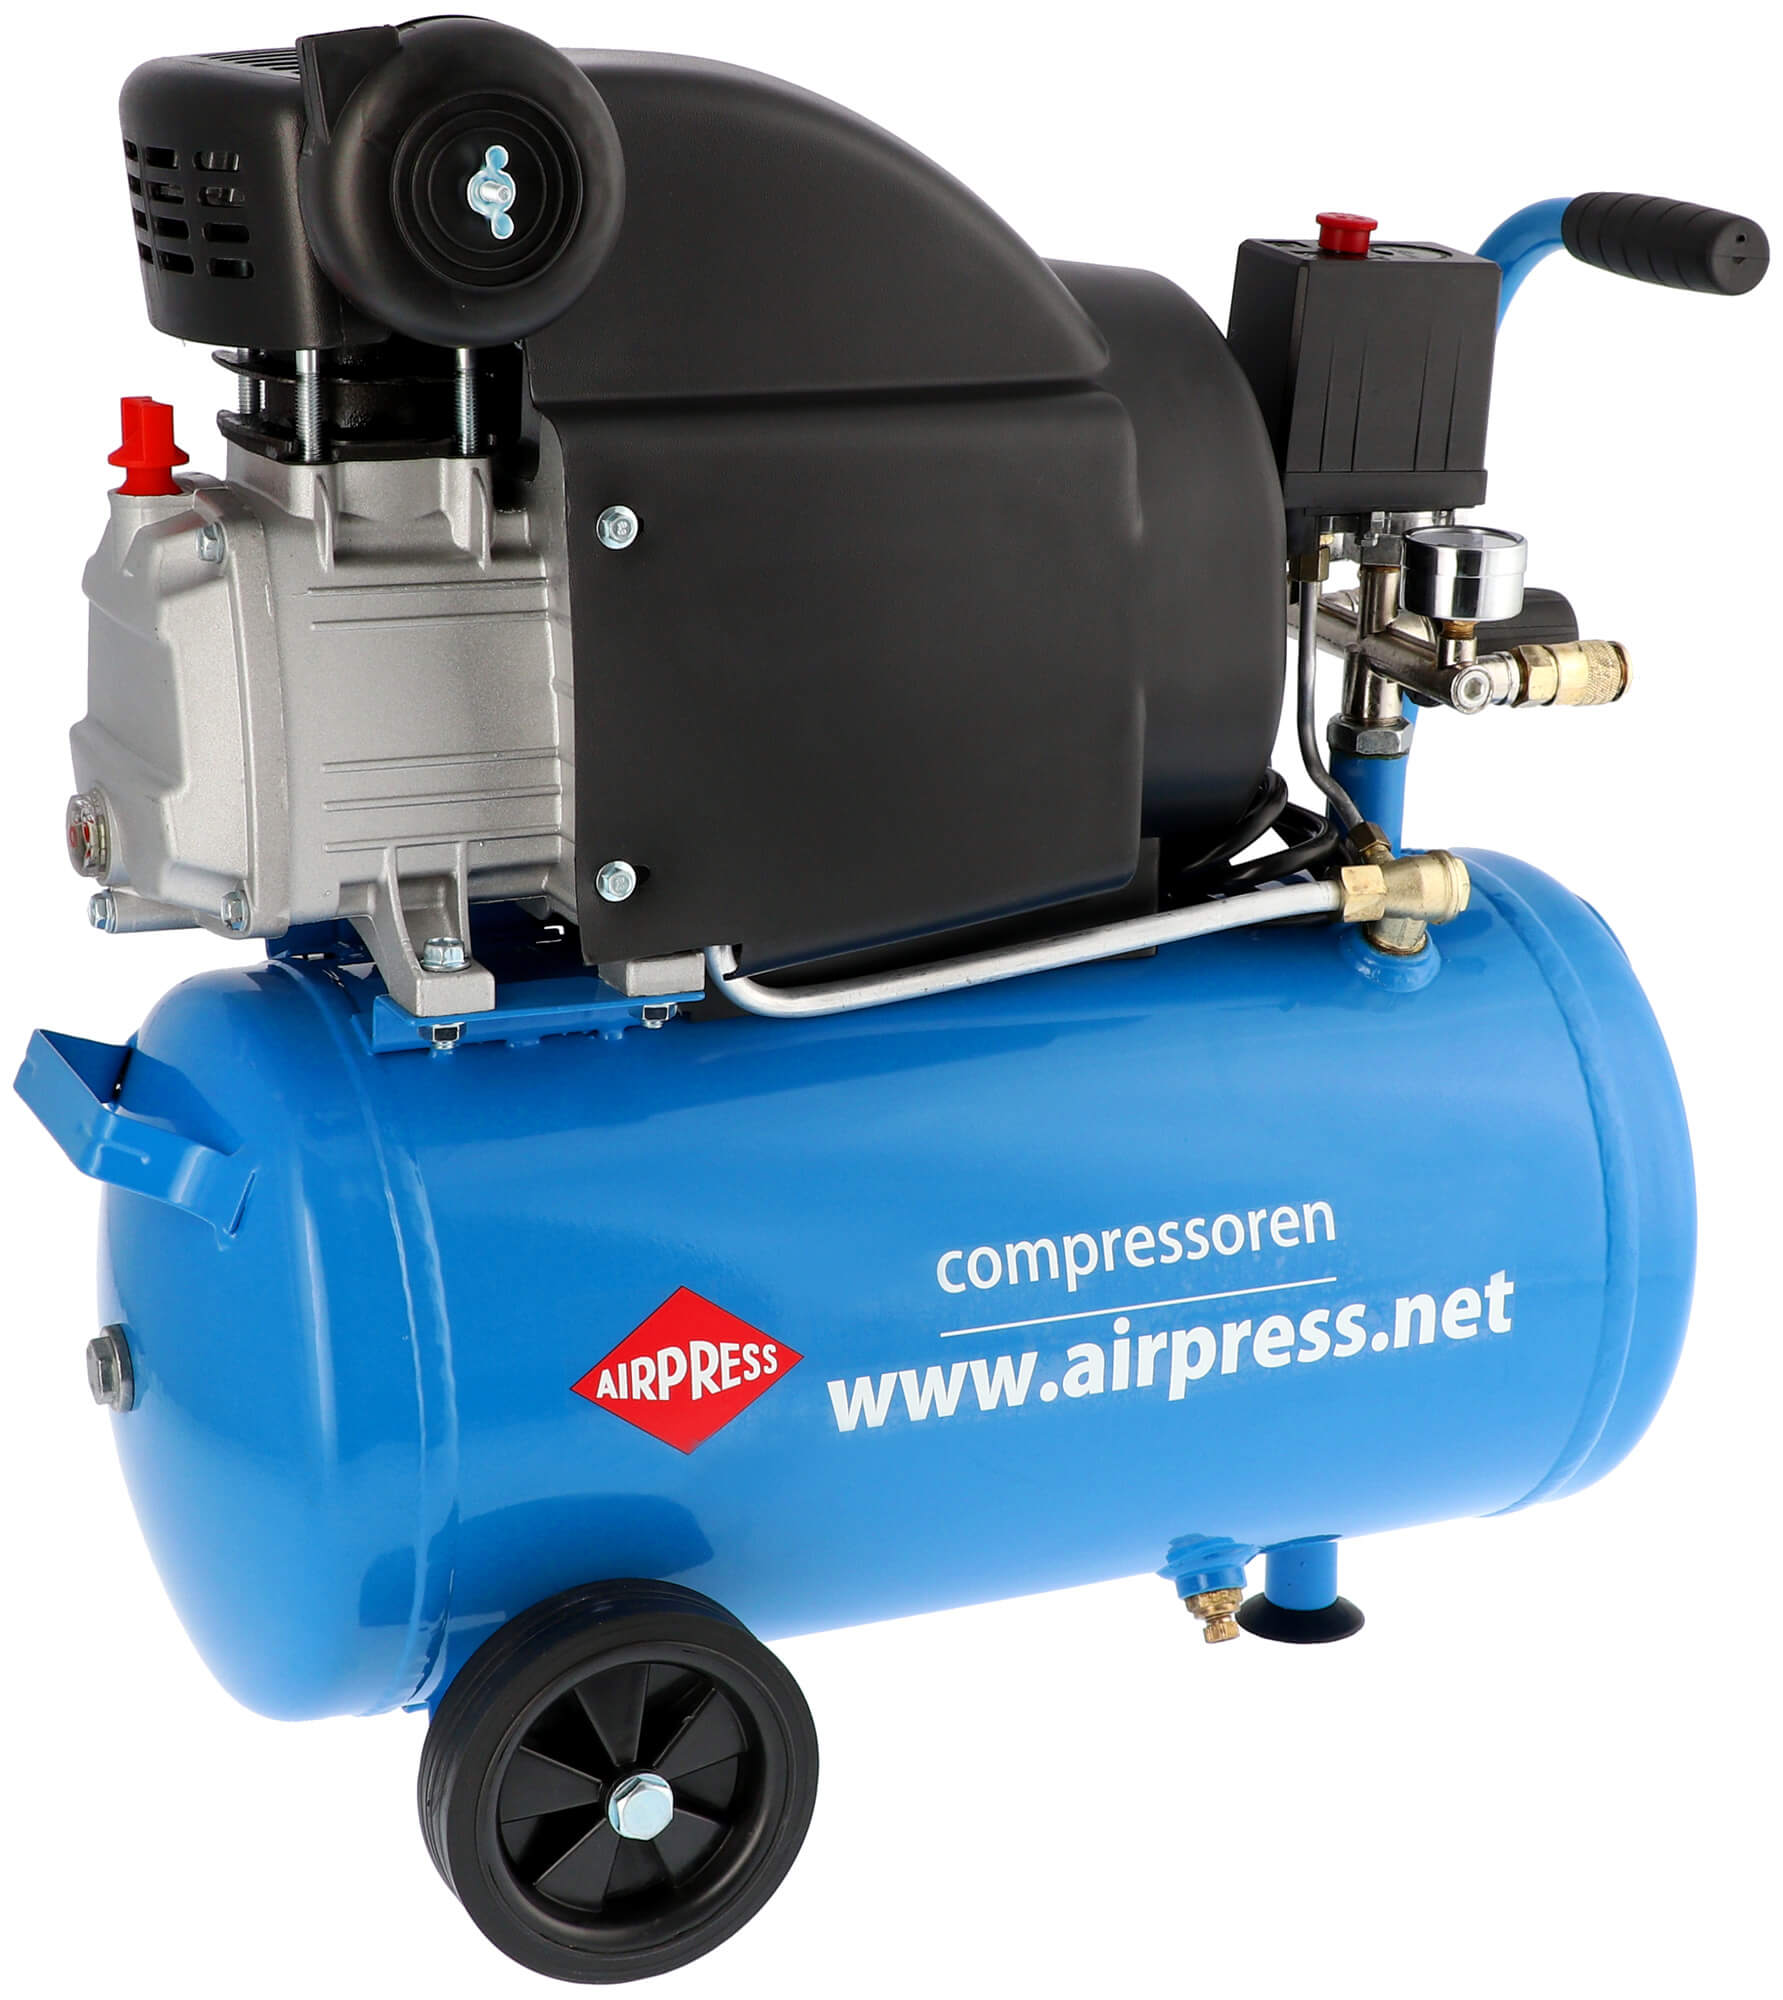 Compresseur HL 310-25 8 bar 2 cv 157 l/min 24 l